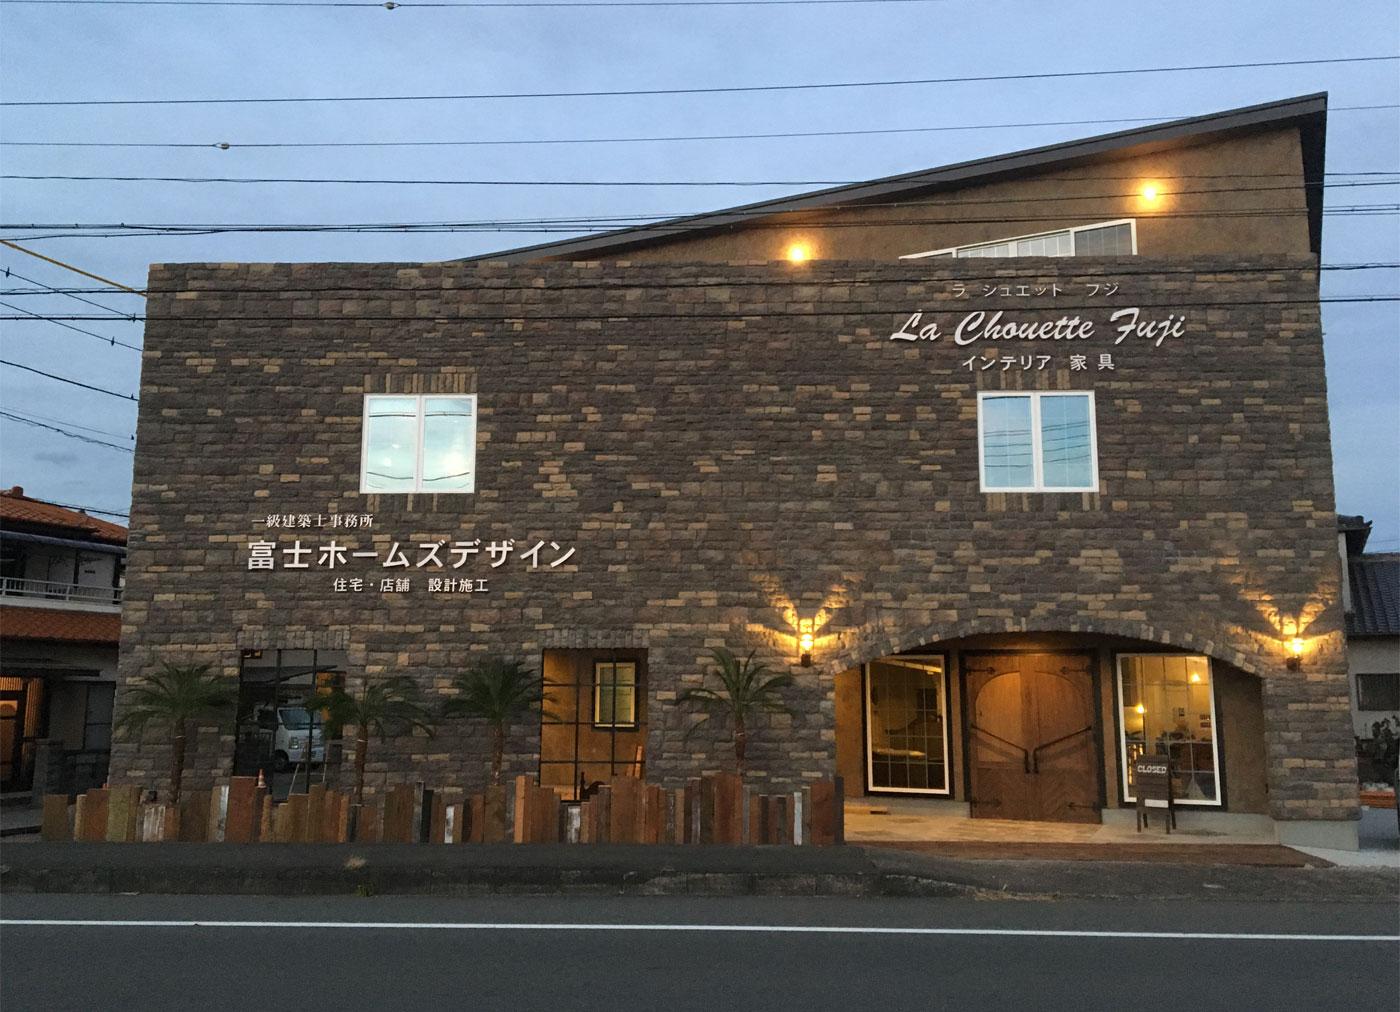 12/17完成見学会、12/21インテリアショップ移転オープン